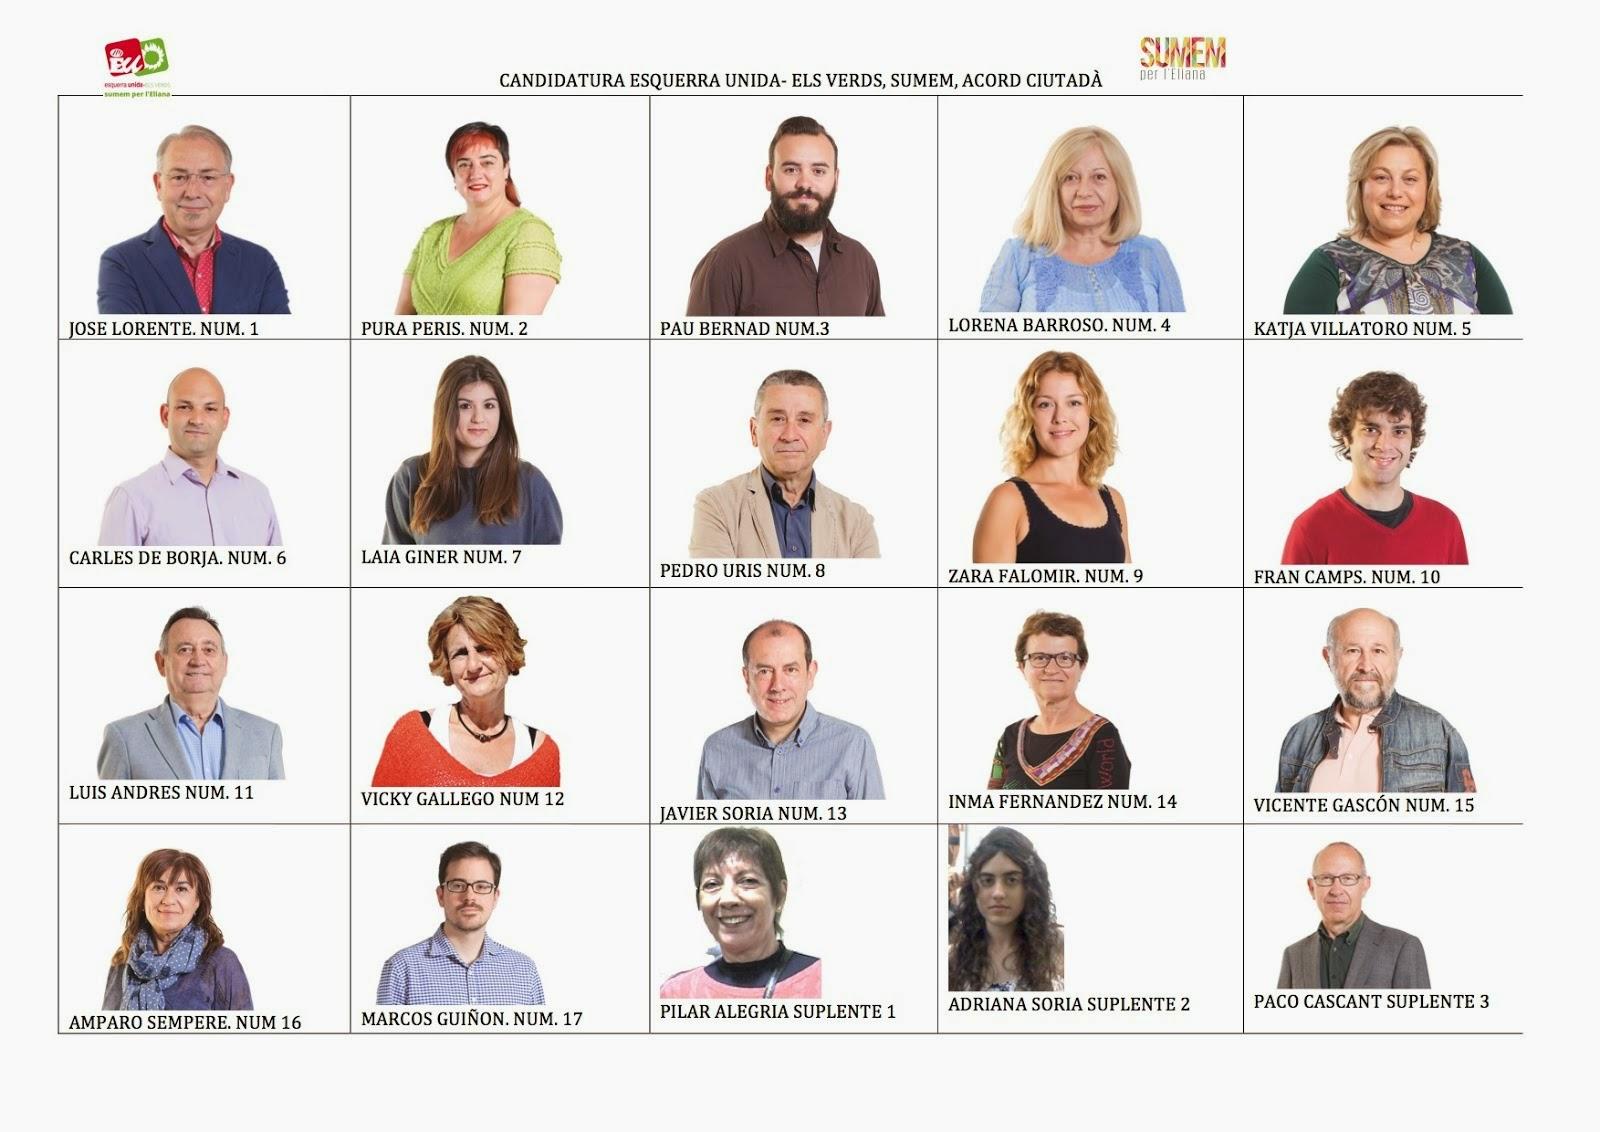 Candidatura Esquerra Unida-Els Verds, Sumem, Acord ciutadà